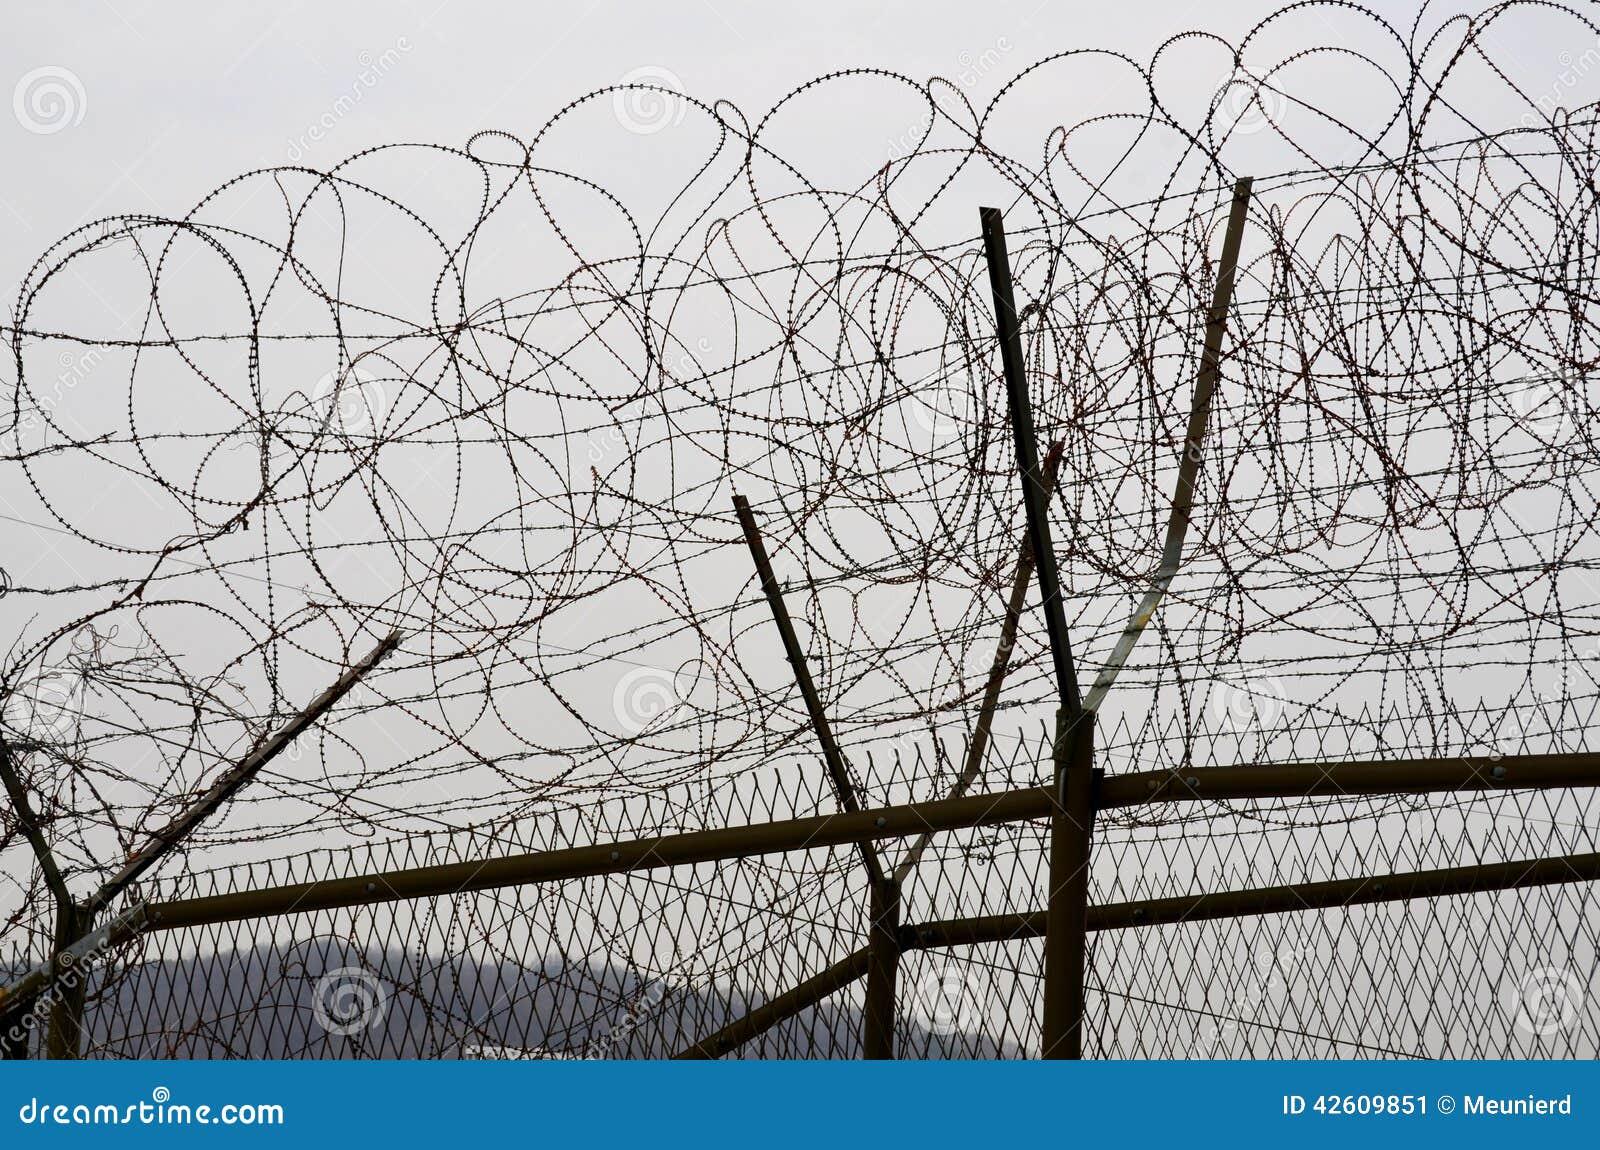 DMZ fences